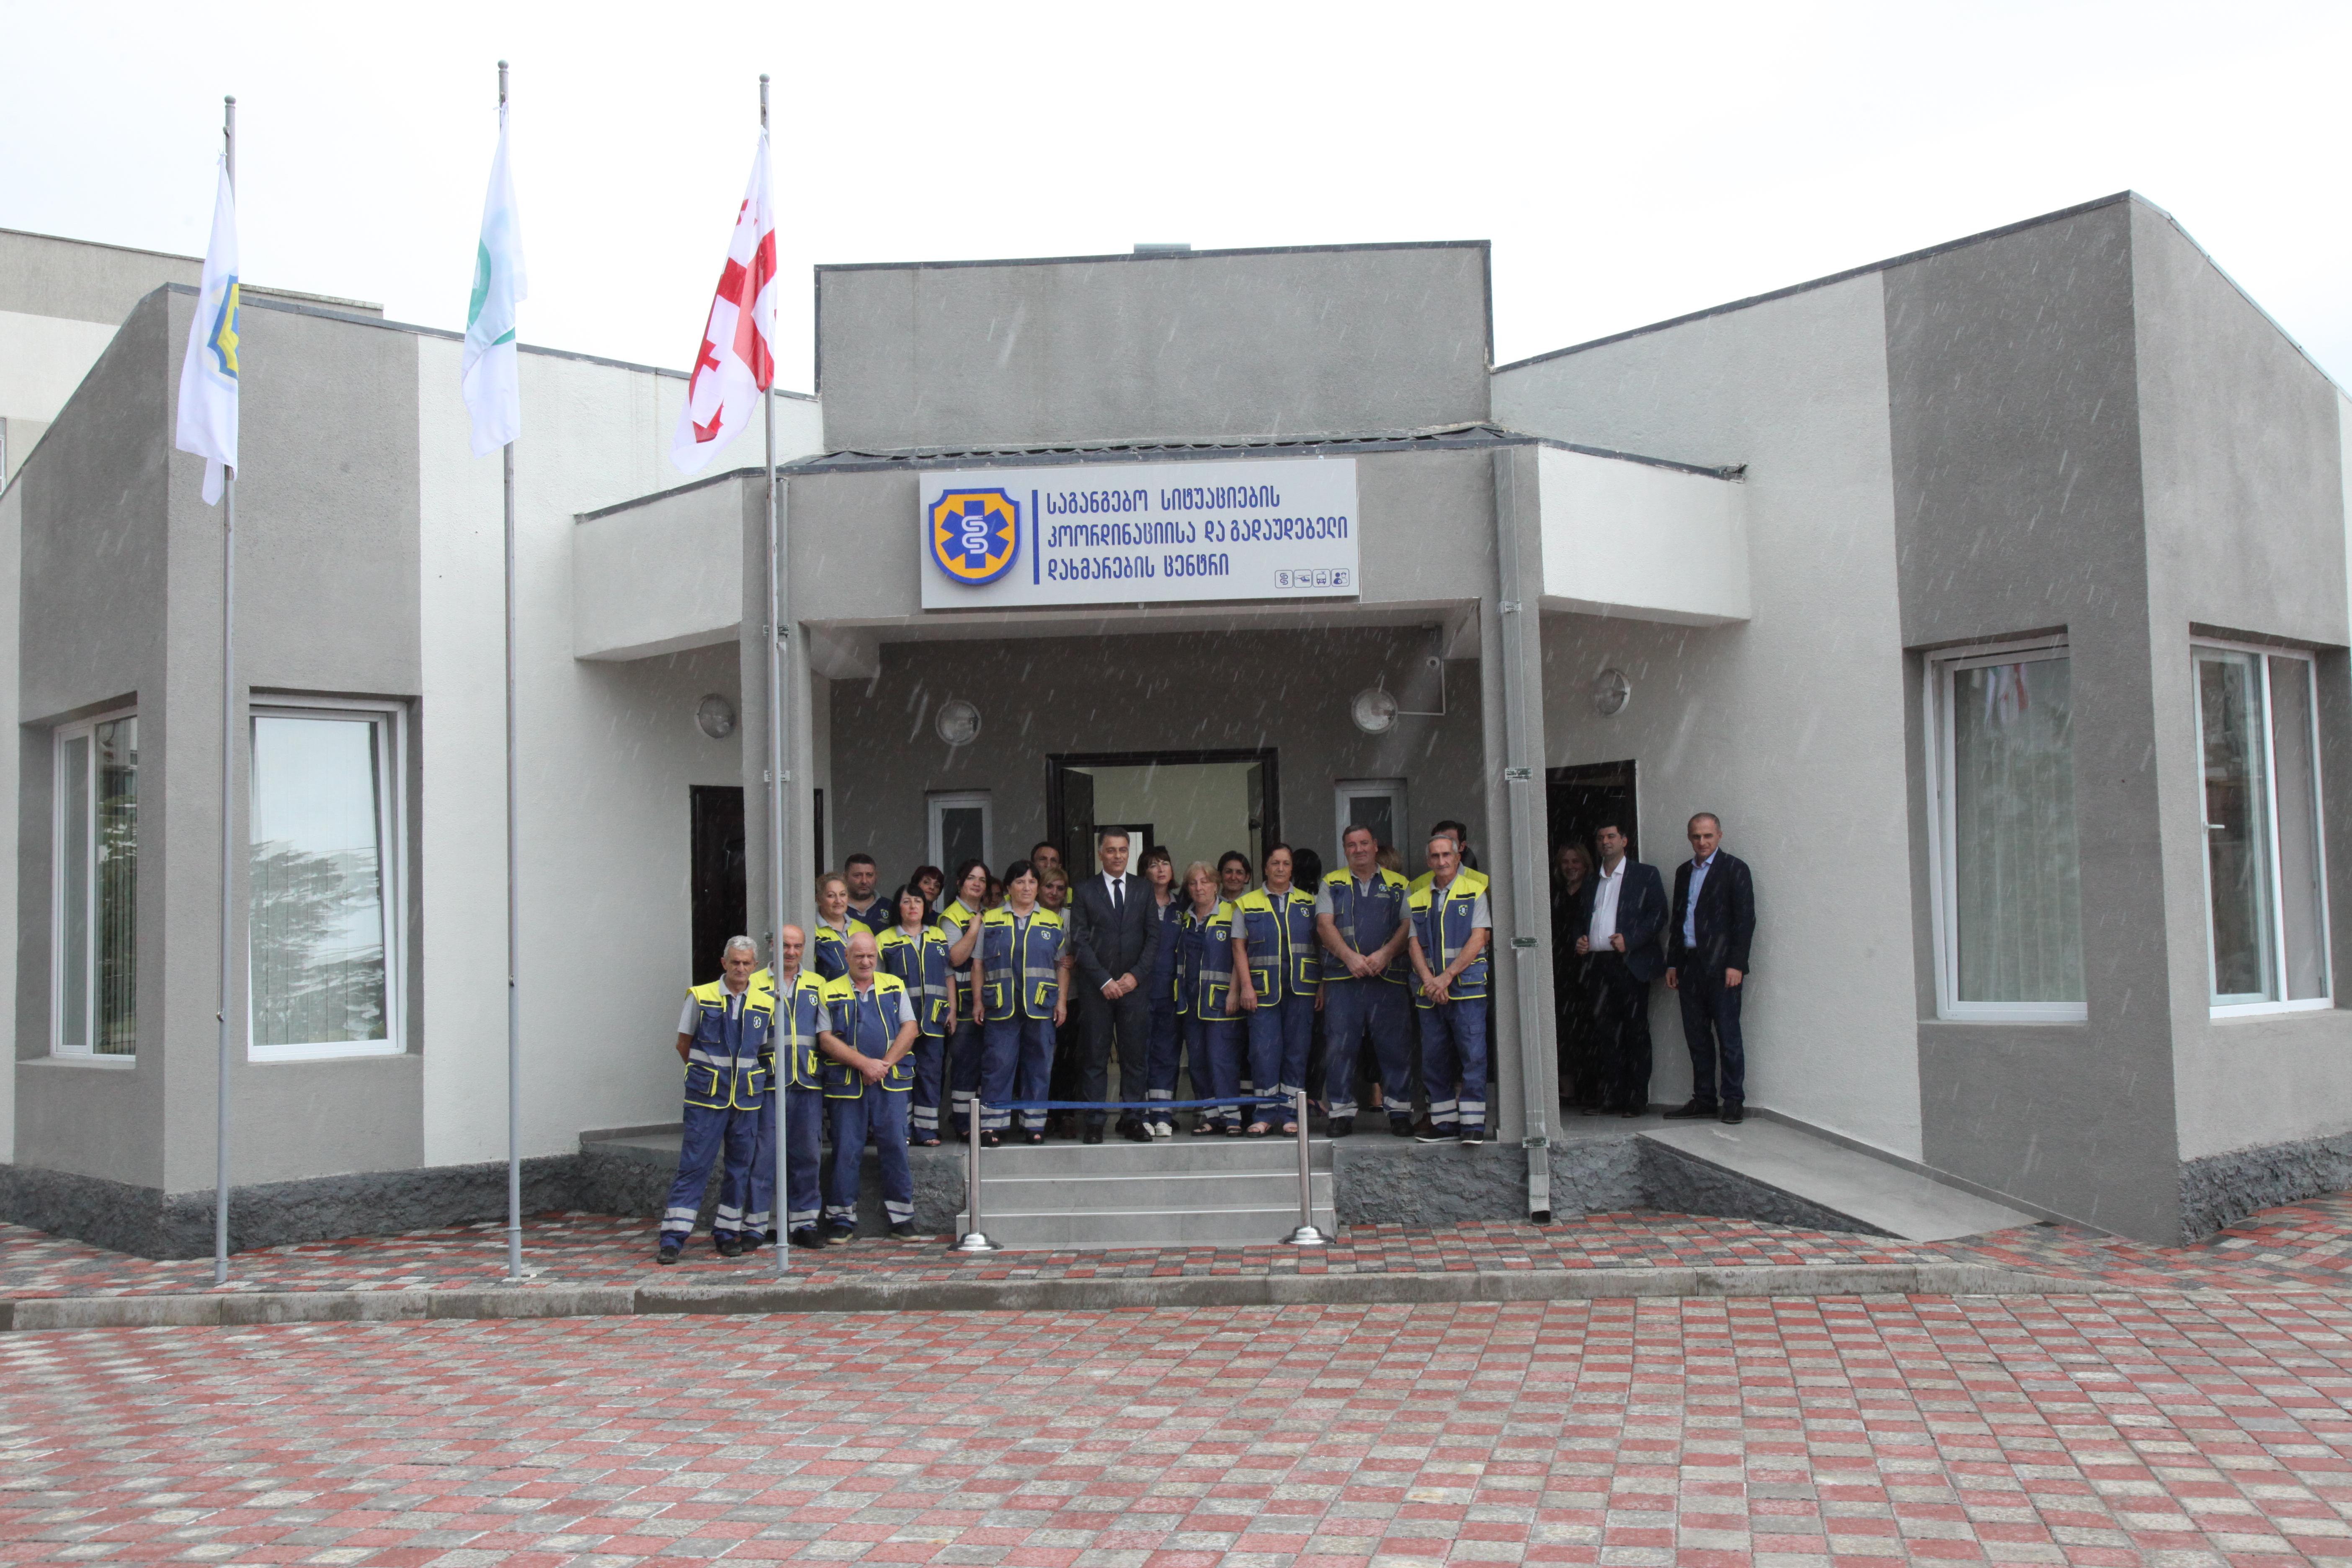 ქობულეთის სასწრაფო სამედიცინო დახმარებას ახალი შენობა აქვს